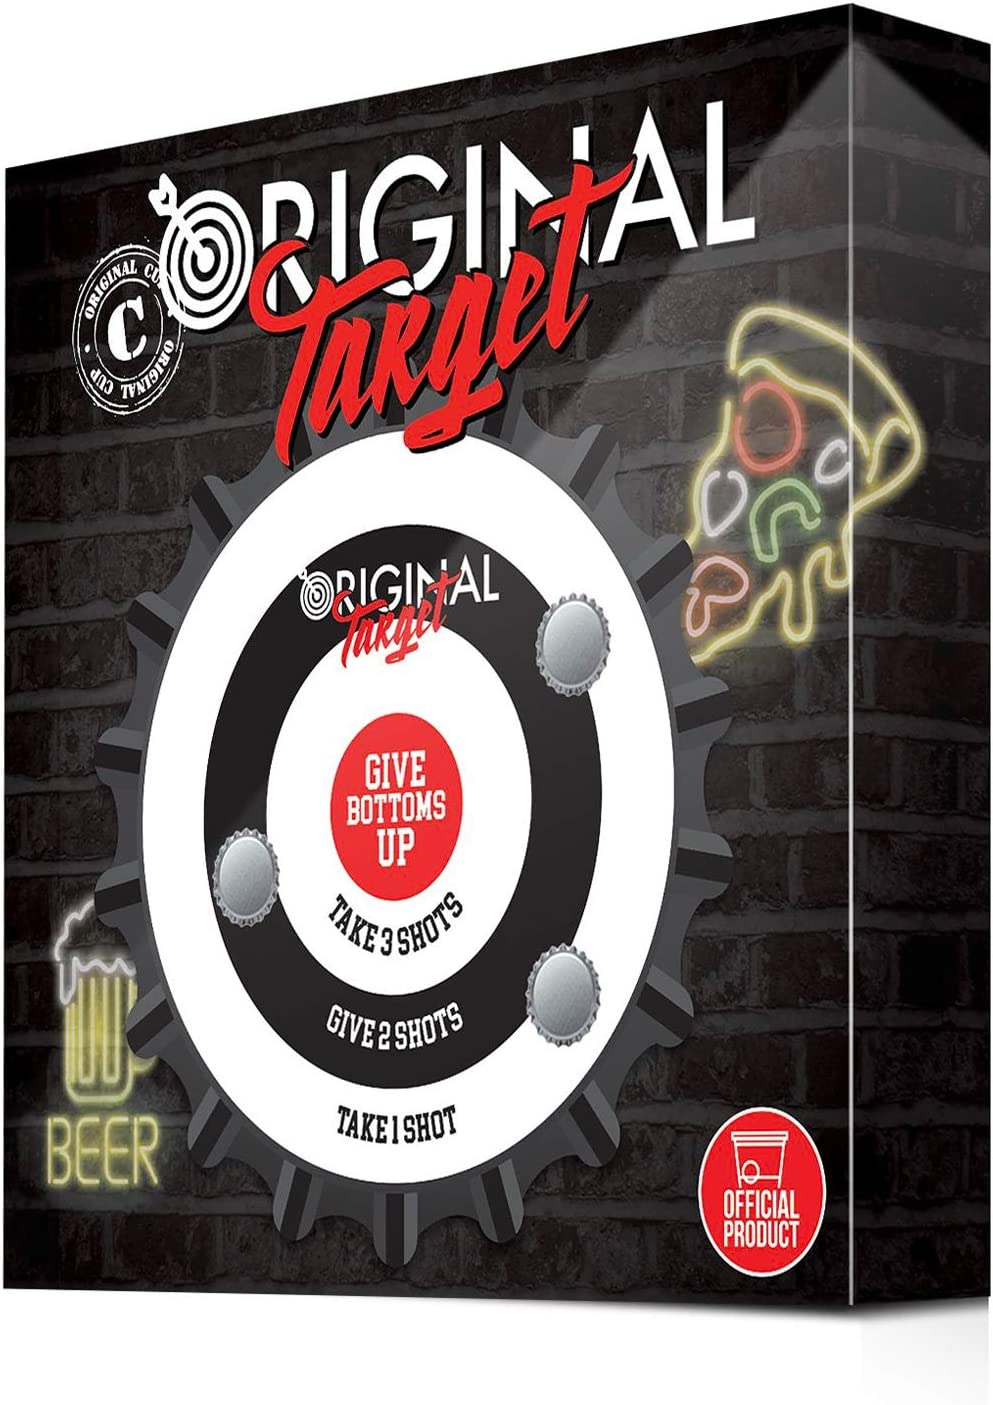 Original Cup - Original Target Juego de Dardos Original - Blanco magnético con promesas de Alcohol - 6 cápsulas de Cerveza - Juego de Noche - Juego de Beber: Amazon.es: Juguetes y juegos